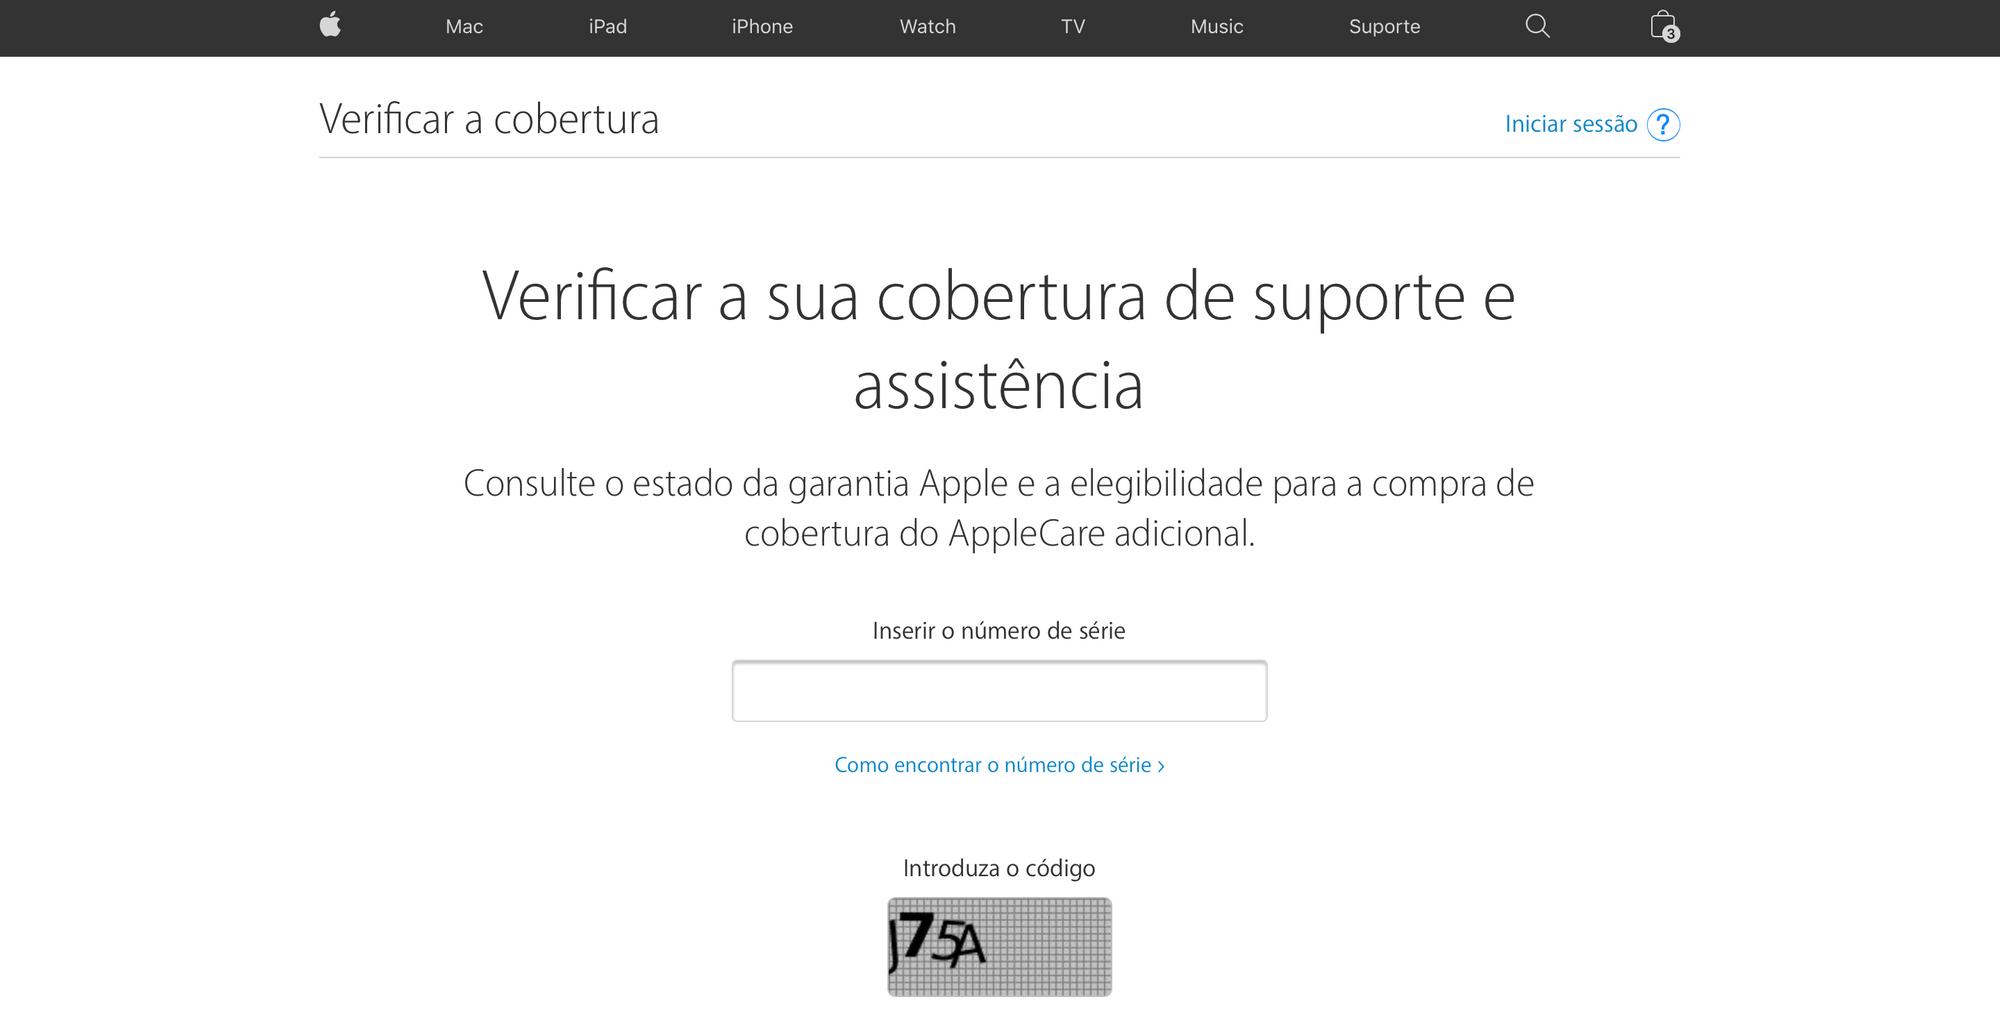 Site de verificação de cobertura da Apple